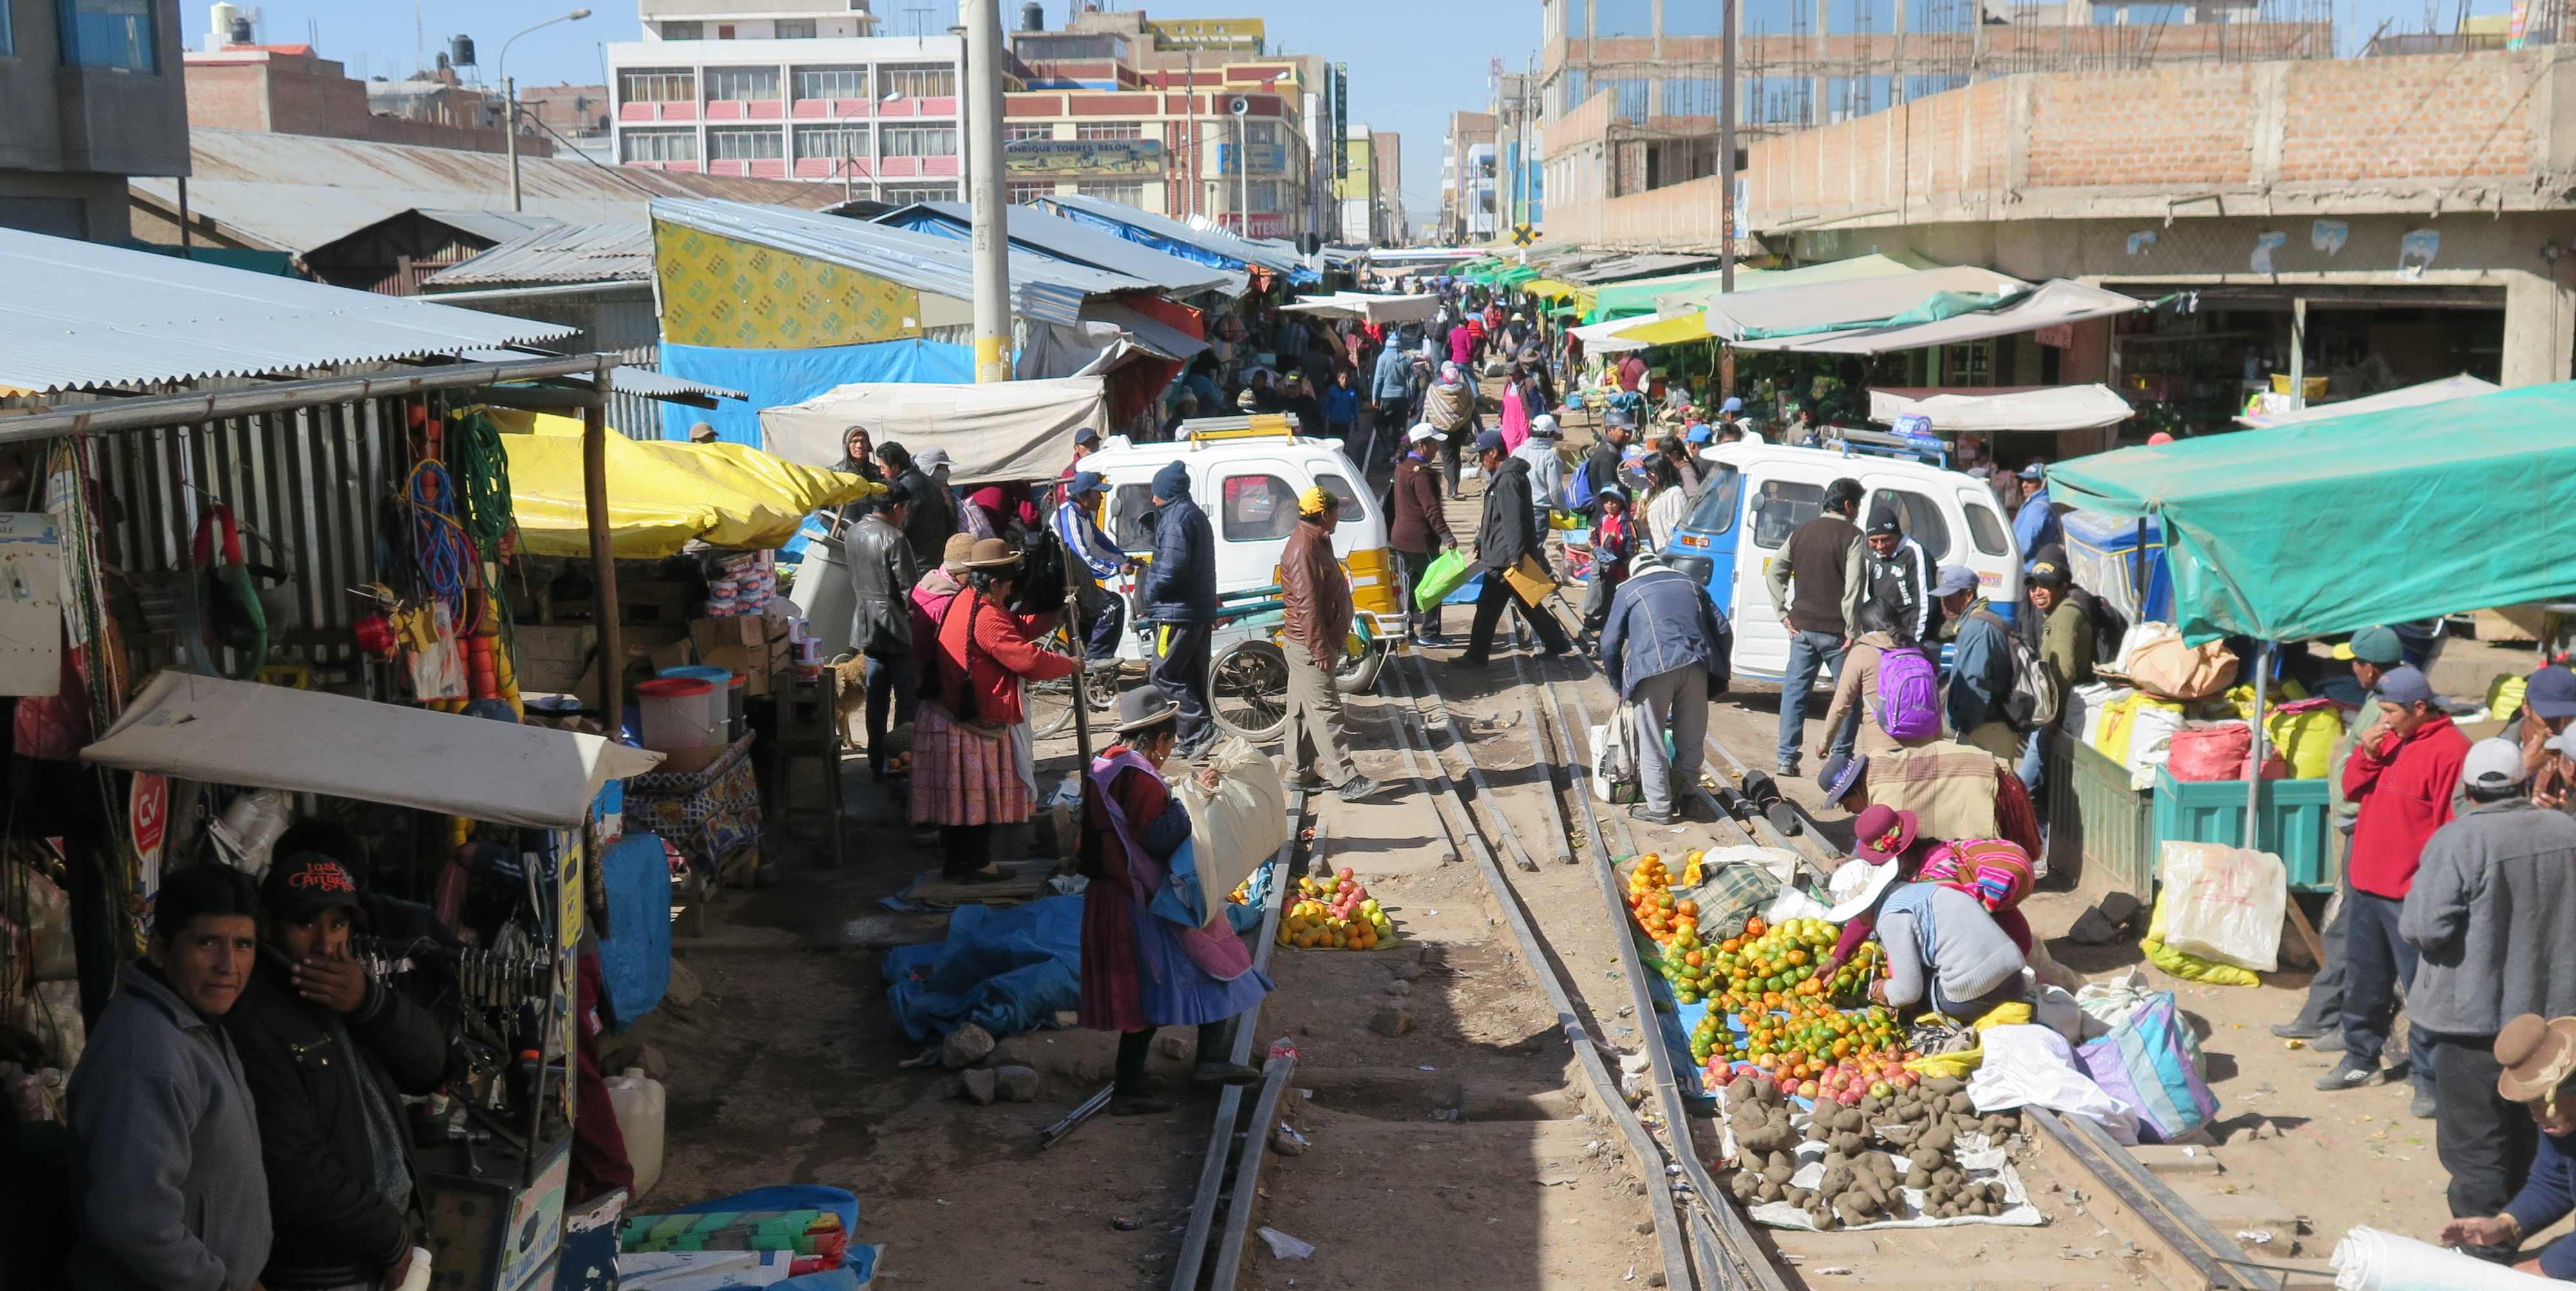 Markt op de treinsporen in Peru gemaakt vanuit de trein tussen Puno en Cusco (Foto: Jozef Van Giel)